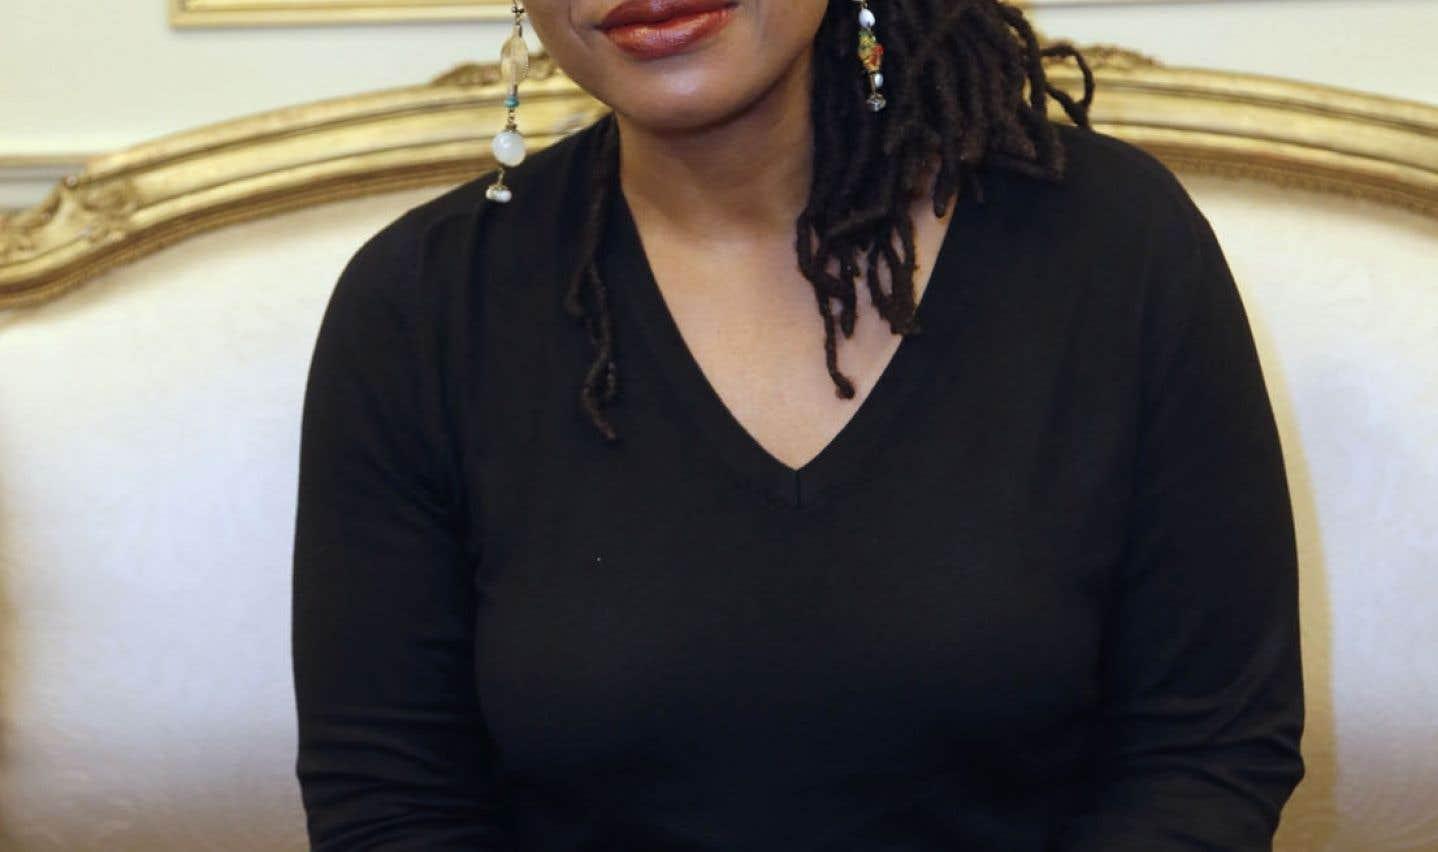 Léonora Miano, d'origine camerounaise, était en 2013 la première lauréate africaine du prix Femina.